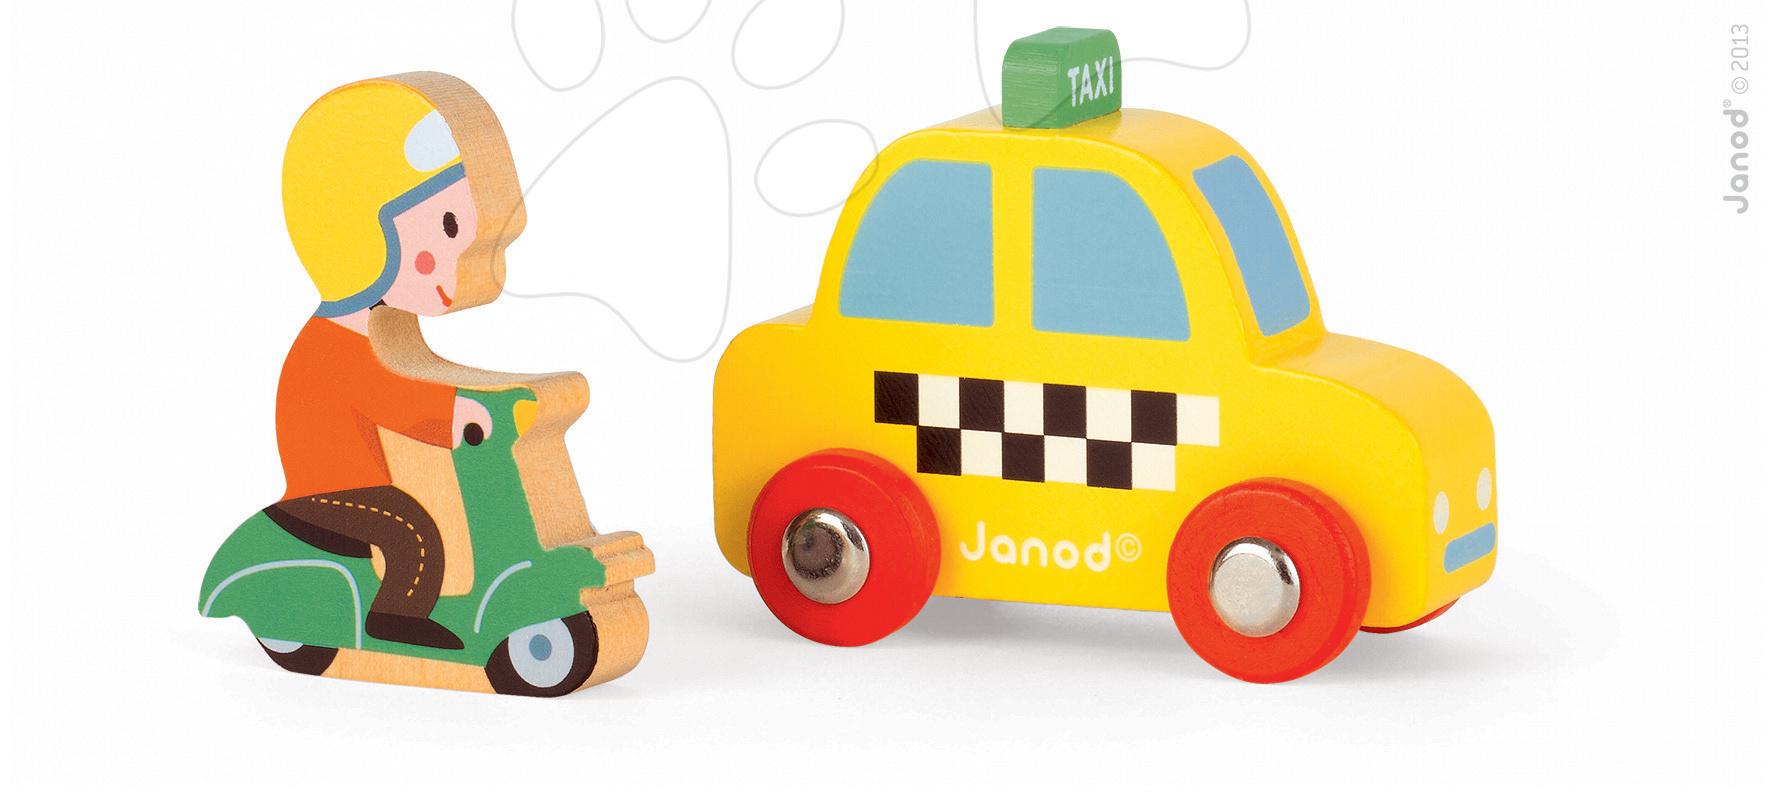 Garáže - Sada drevený taxík a motorka Story Set Janod